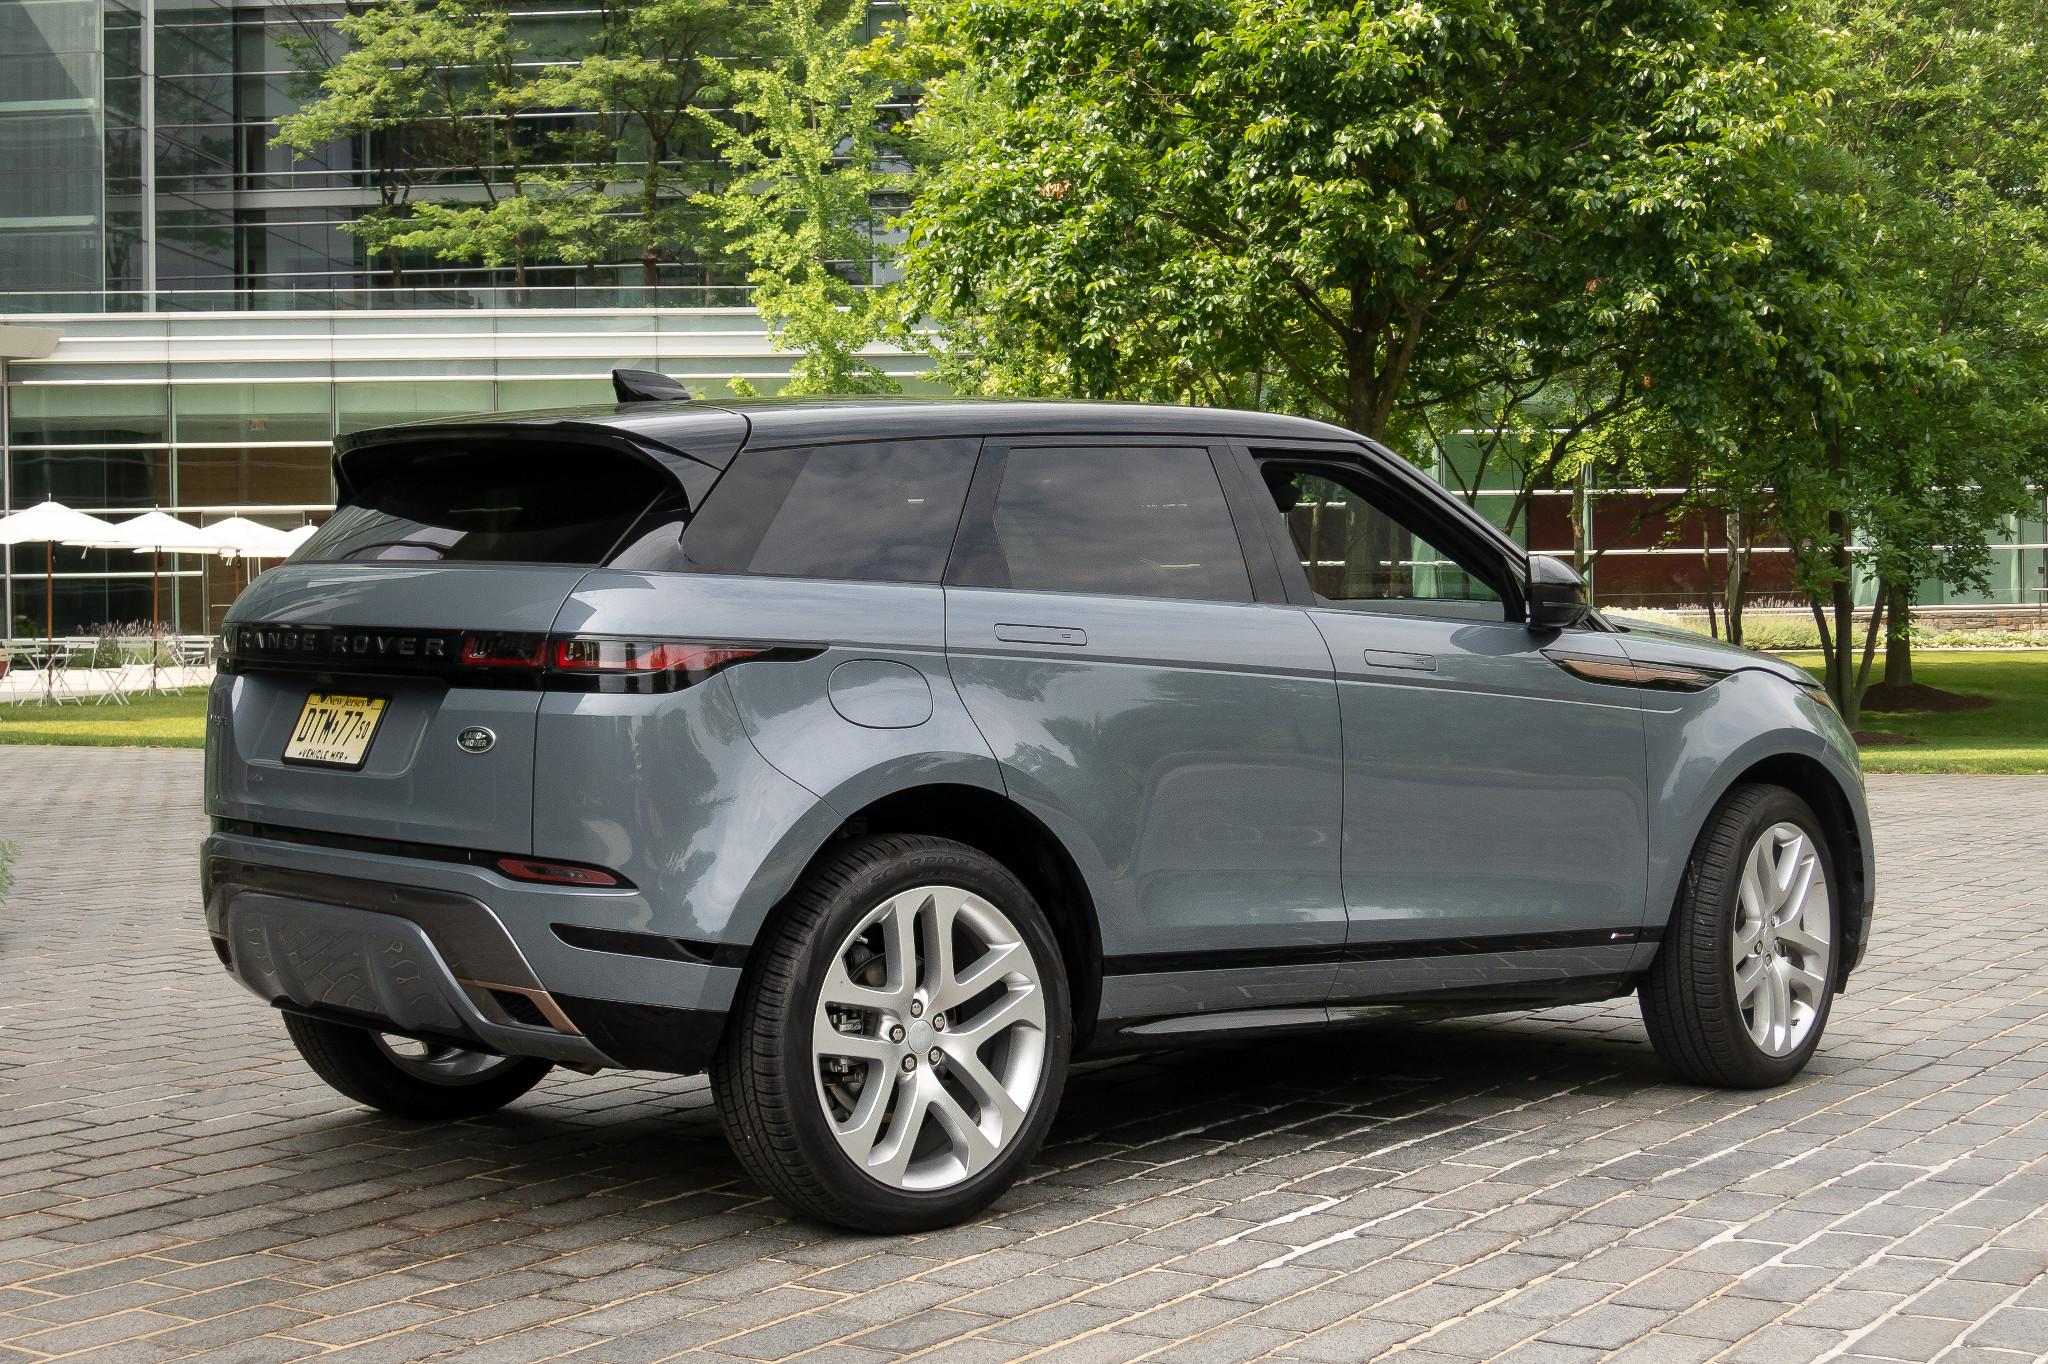 2020 Land Rover Range Rover Evoque: 6 Pros and 4 Cons